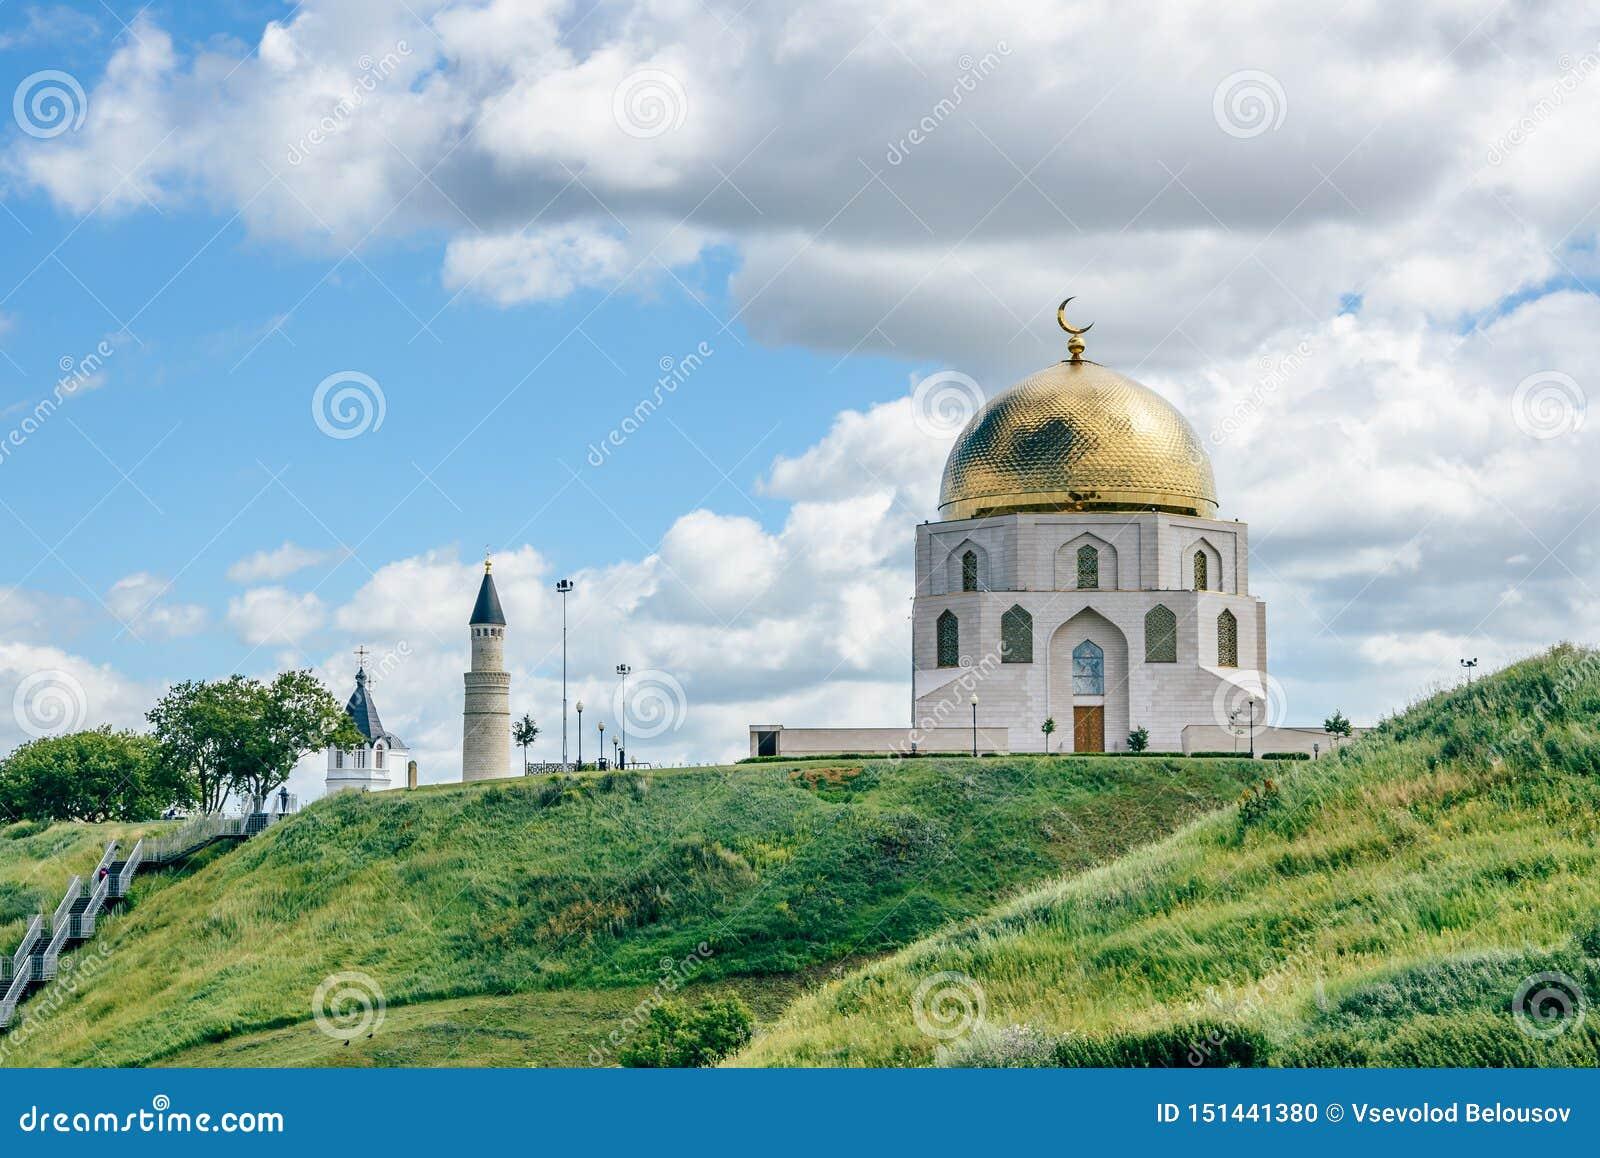 Conmemorativo firme adentro Bolgar, Rusia